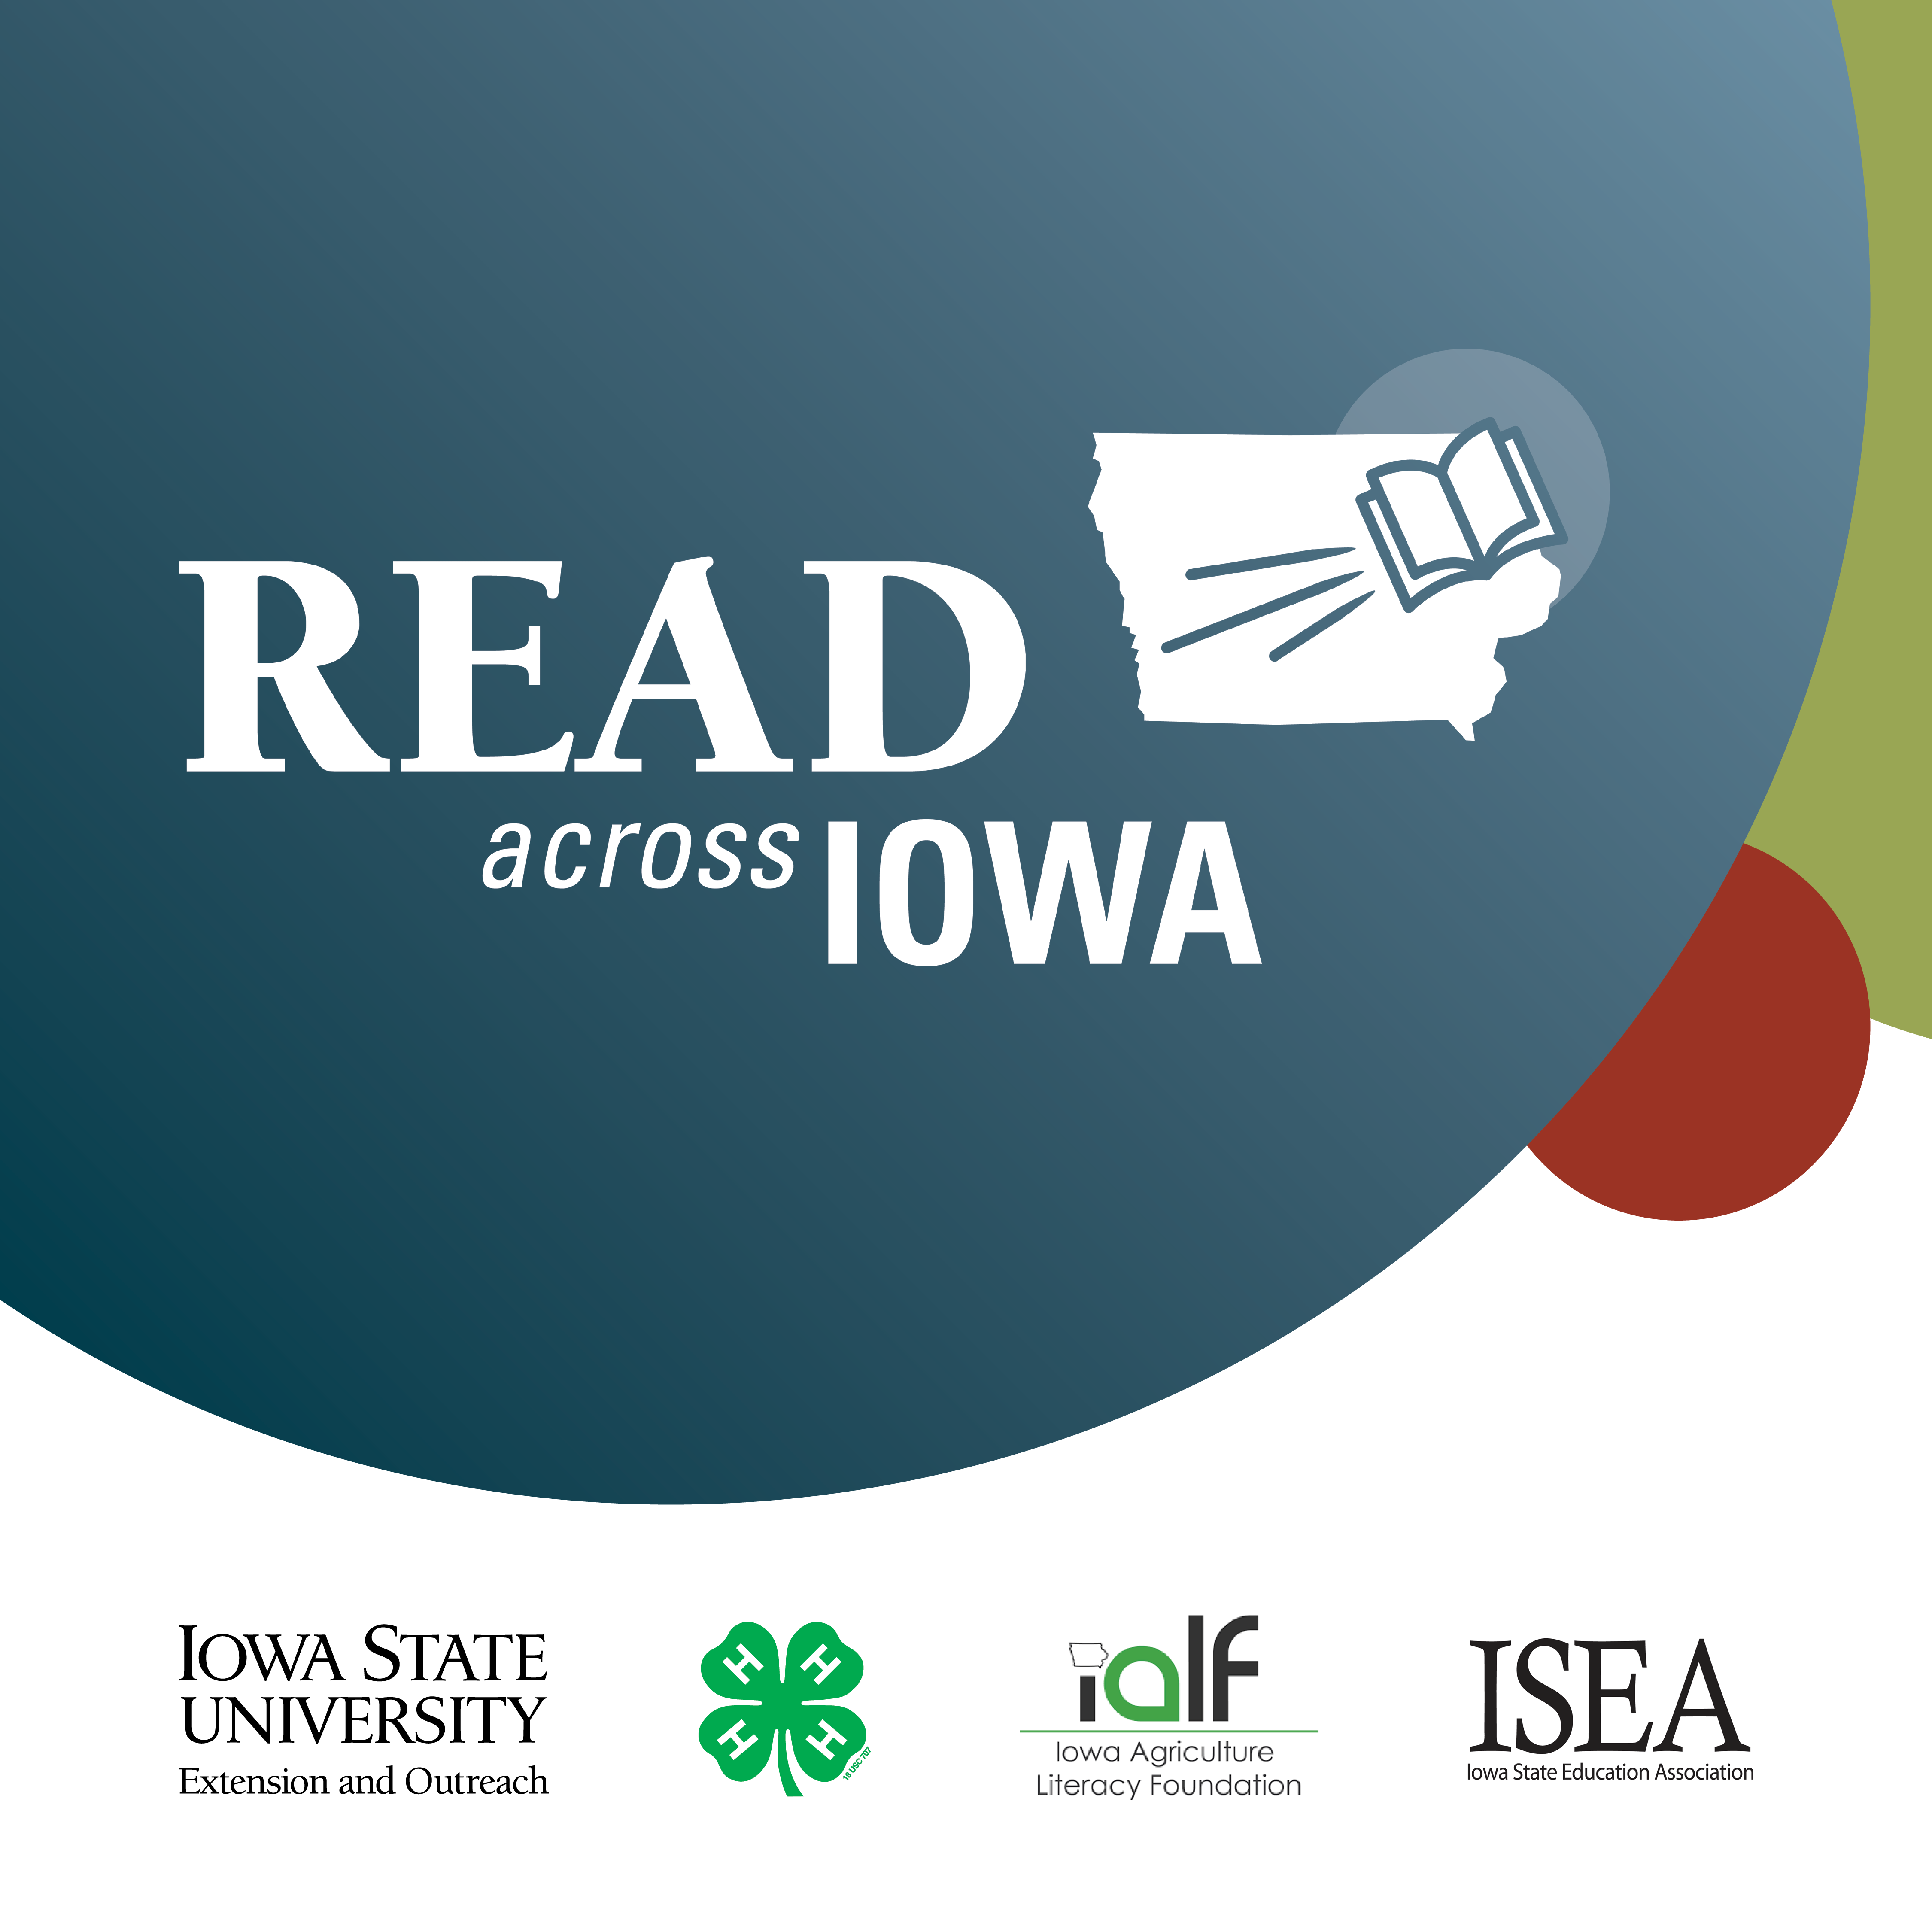 Read Across Iowa Celebrations Planned in Polk County